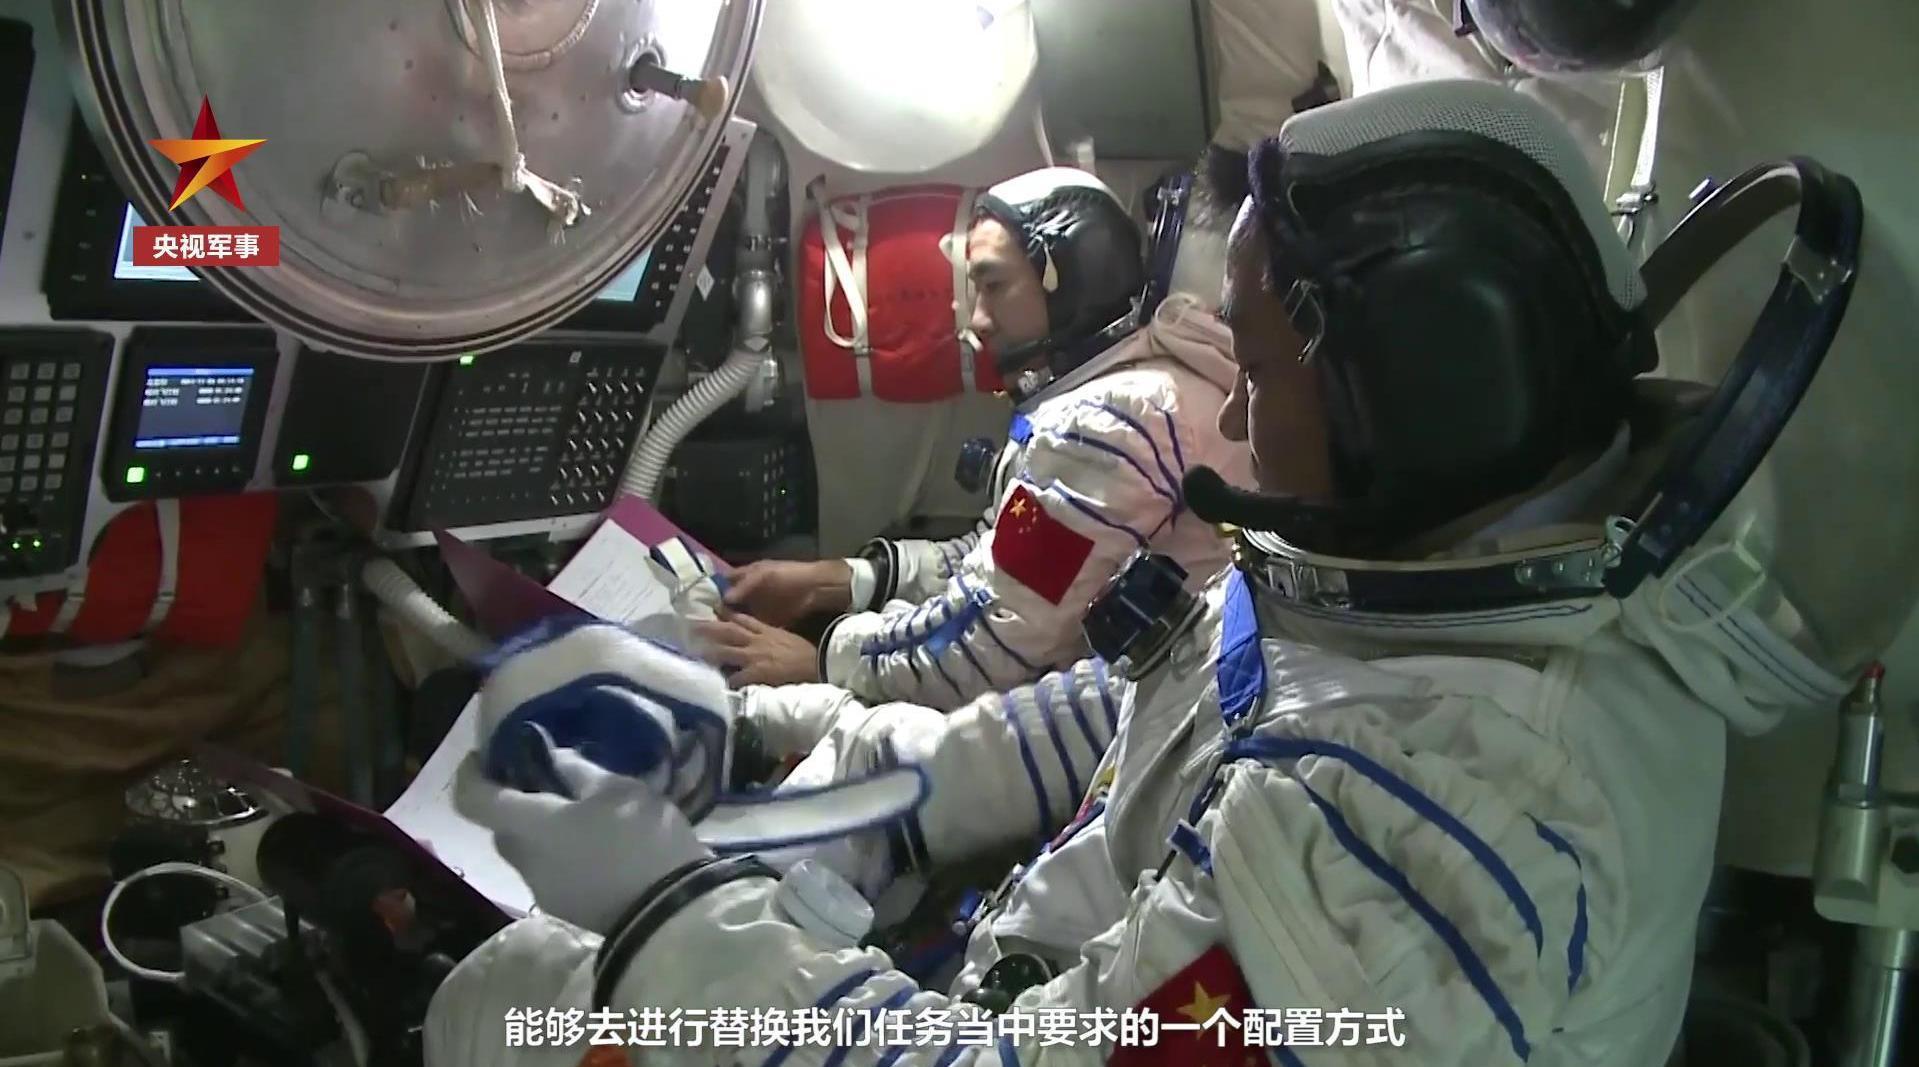 神舟十二号任务没有女航天员